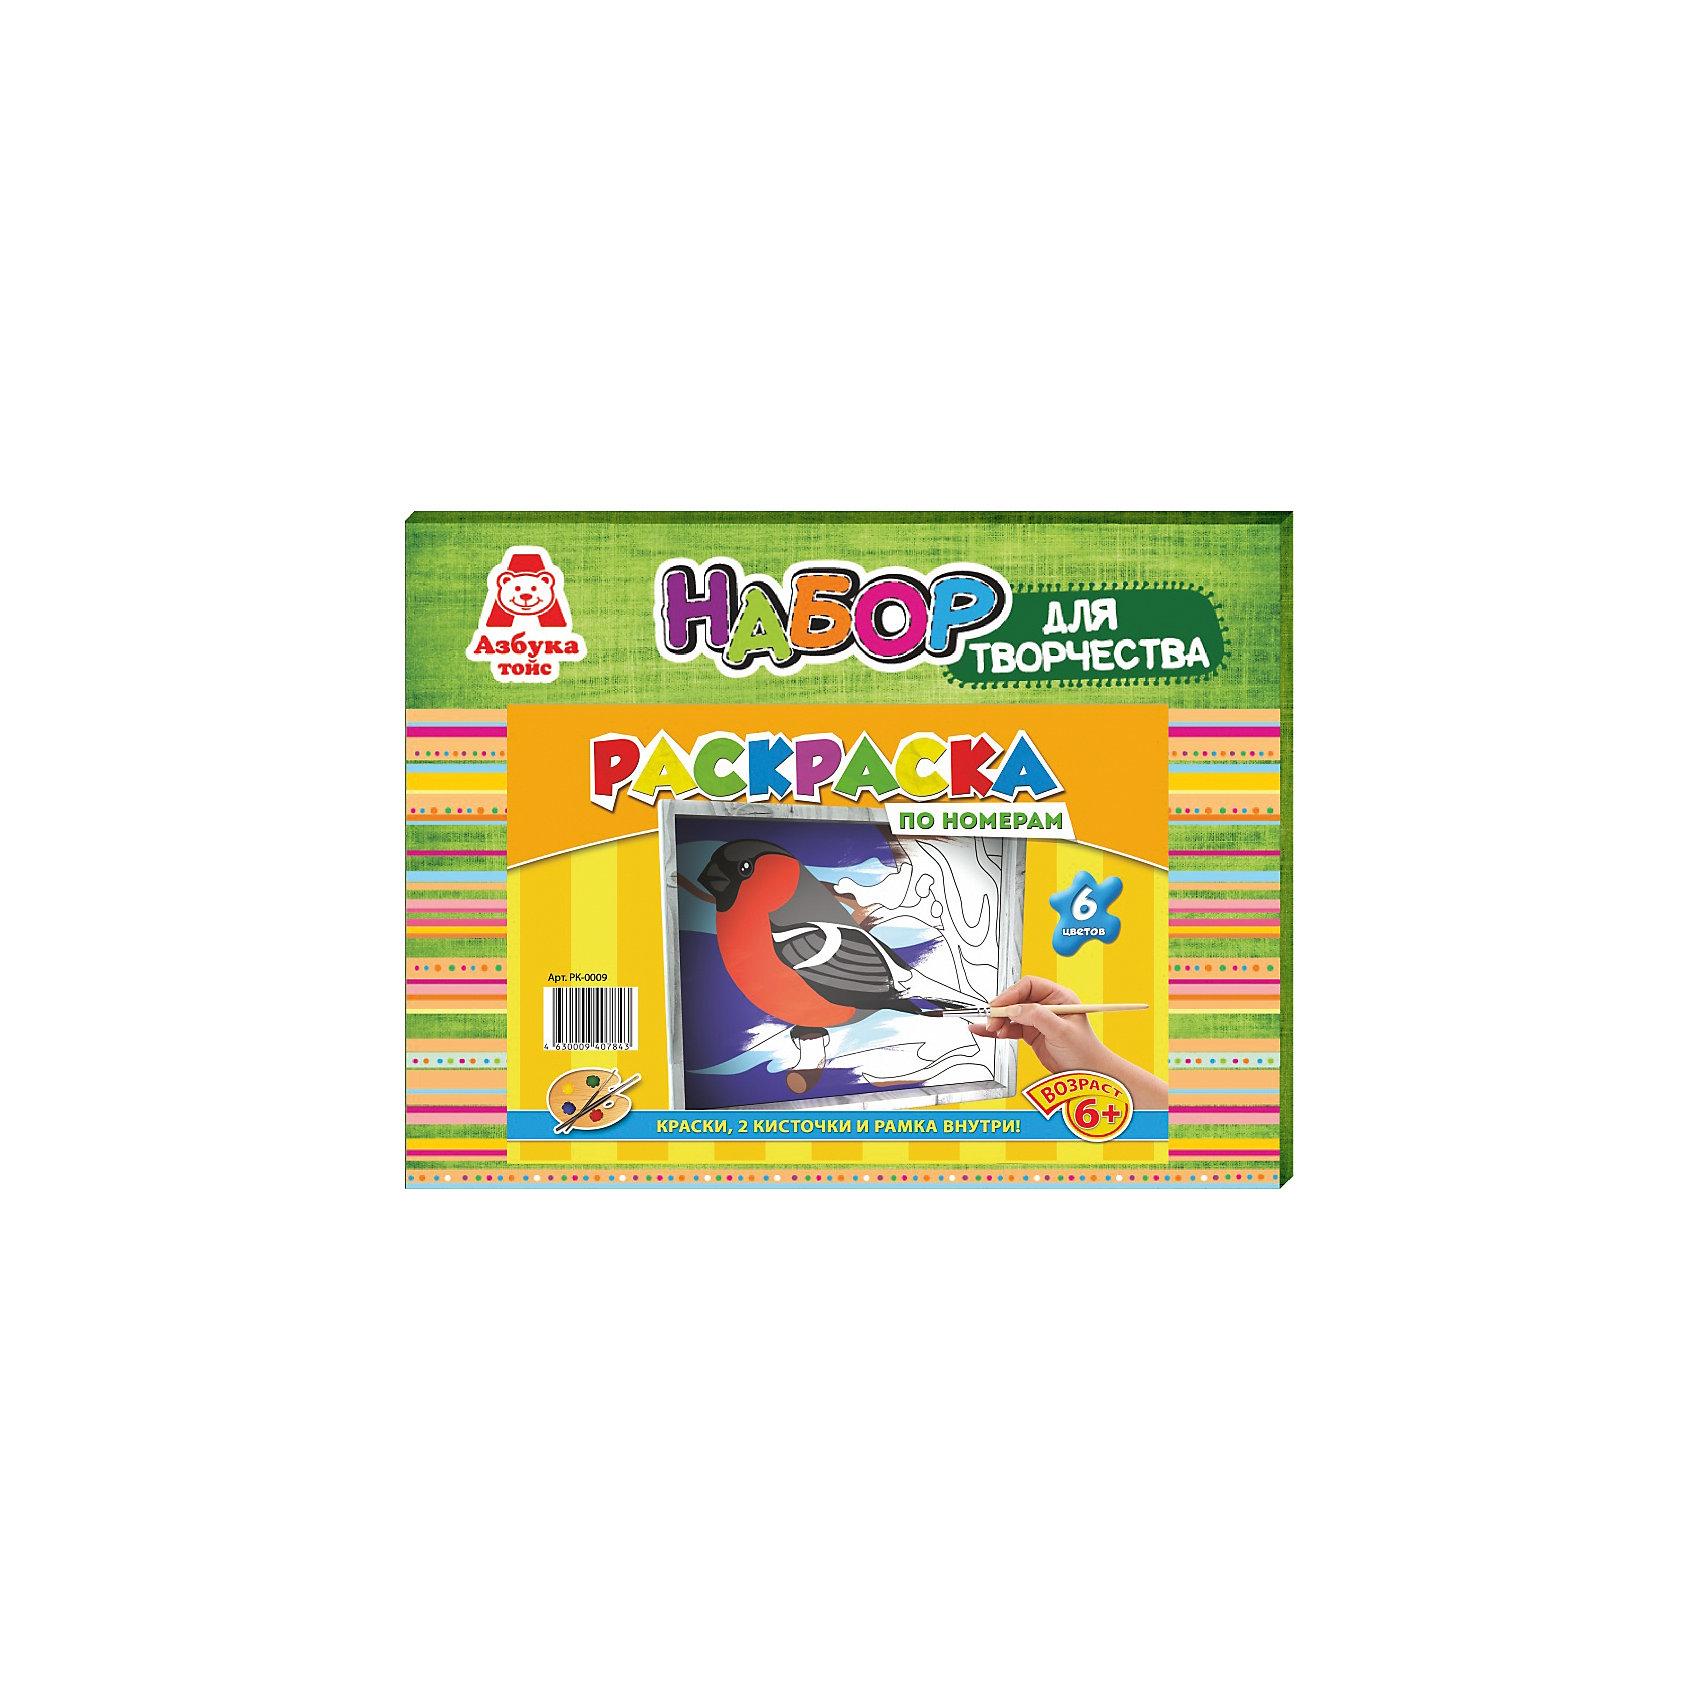 Раскраска по номерам СнегирьХарактеристики товара:<br><br>• упаковка: коробка<br>• материал: картон, акрил<br>• возраст: 6+<br>• масса: 200 г<br>• габариты: 30х270х210 мм<br>• комплектация: основа с нанесенным контуром, акриловые краски 6 цв., 2 кисточки, палитра для смешивания, картонная рамка и инструкция<br>• страна бренда: РФ<br>• страна изготовитель: РФ<br><br>Раскрашивание картинок – всеми любимый увлекательный процесс. Отличительной особенностью набора является то, что картинка разделена на зоны с нумерацией. Каждый номер – один цвет, соответствующий цвету в наборе красок. В итоге получается красивая картина. Это поможет ребенку поверить в свои силы и развить творческие способности.<br>Набор станет отличным подарком ребенку, так как он сможет сам сделать красивую вещь для себя или в качестве подарка близким! Материалы, использованные при изготовлении товара, сертифицированы и отвечают всем международным требованиям по качеству. <br><br>Раскраску по номерам Снегирь от бренда Азбука Тойс можно приобрести в нашем интернет-магазине.<br><br>Ширина мм: 270<br>Глубина мм: 30<br>Высота мм: 210<br>Вес г: 200<br>Возраст от месяцев: 72<br>Возраст до месяцев: 120<br>Пол: Унисекс<br>Возраст: Детский<br>SKU: 5062873